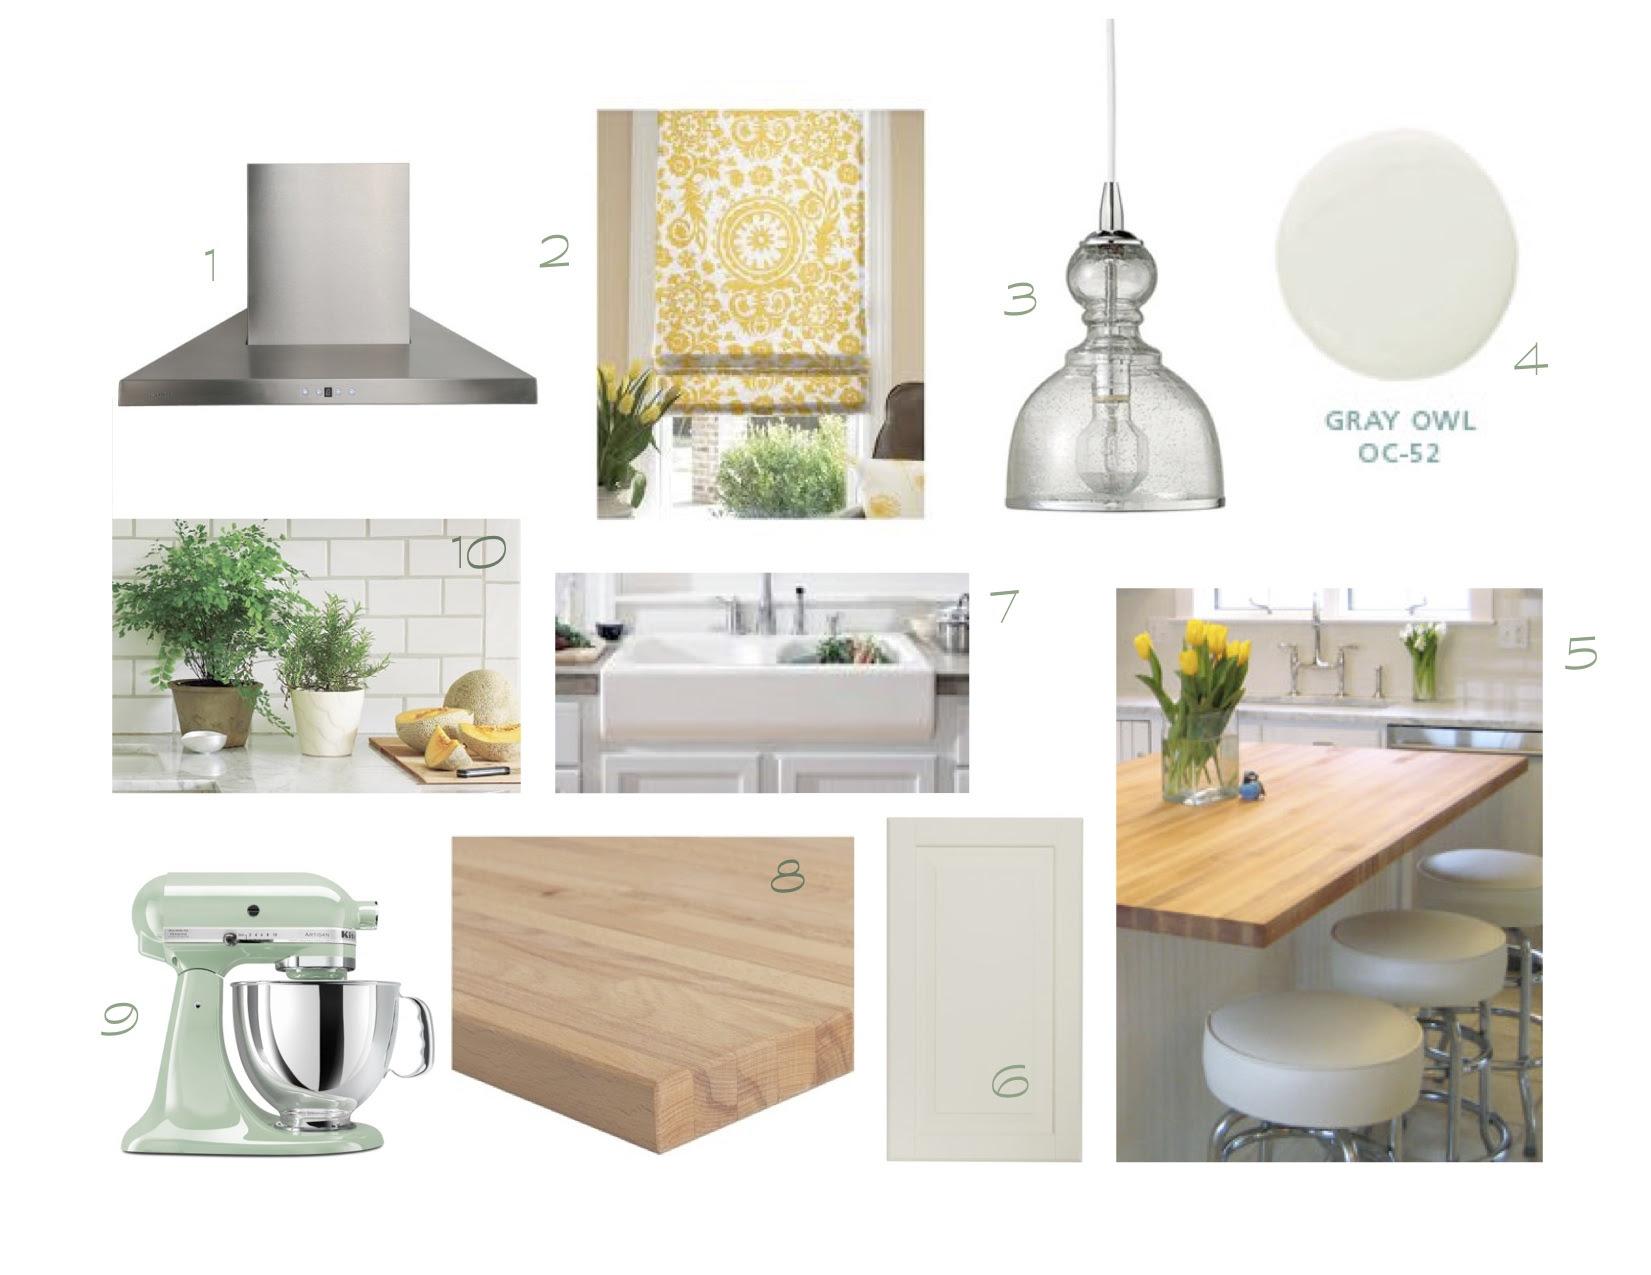 Stainless Steel Kitchen Light Fixtures